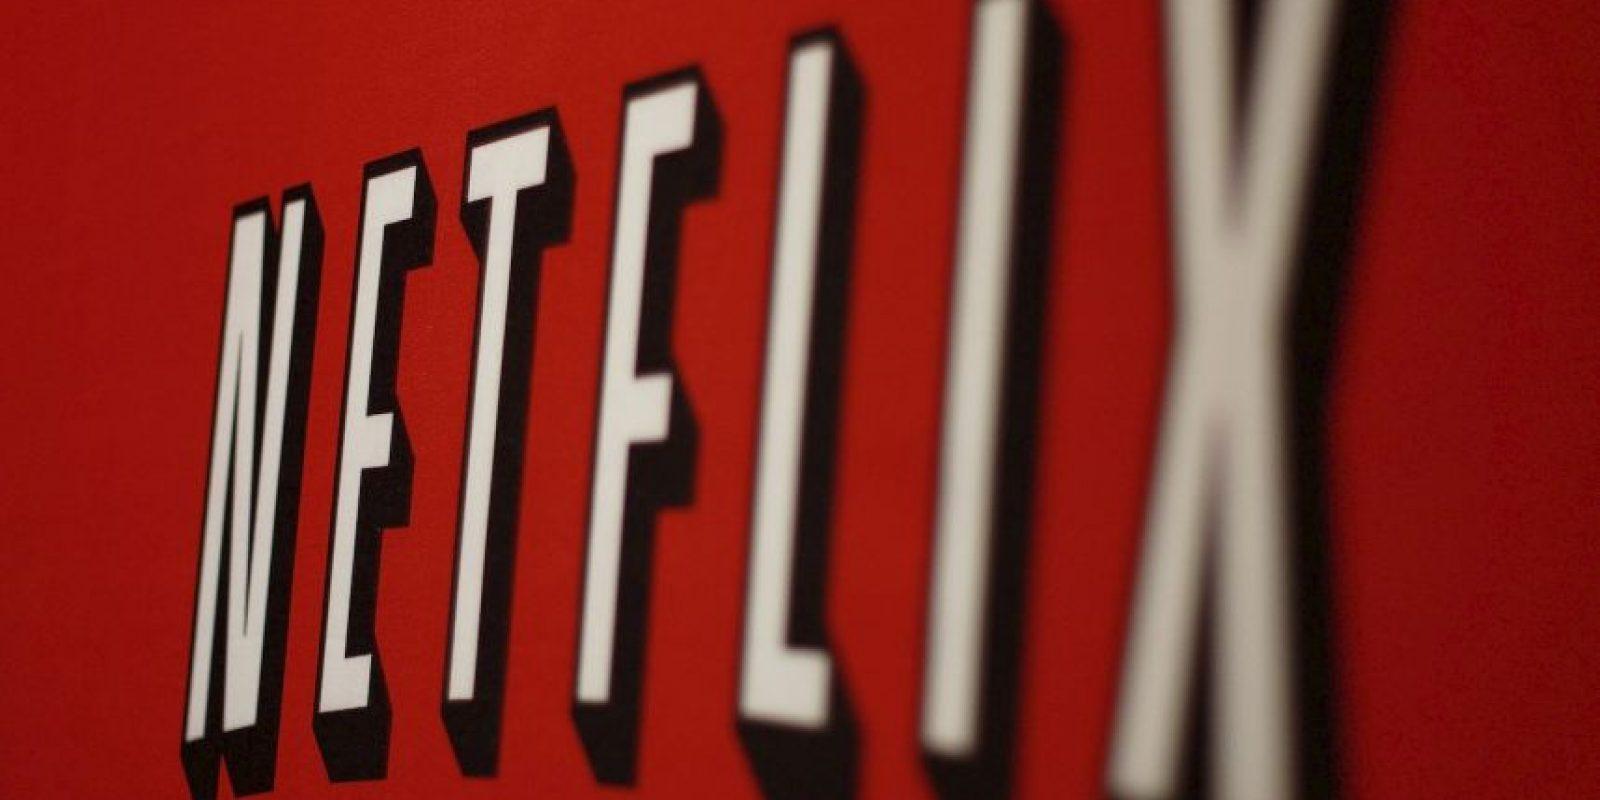 El director ejecutivo de Netflix, Reed Hastings, tuvo la idea de crear esta plataforma de videos desde el año 1997 Foto:Images